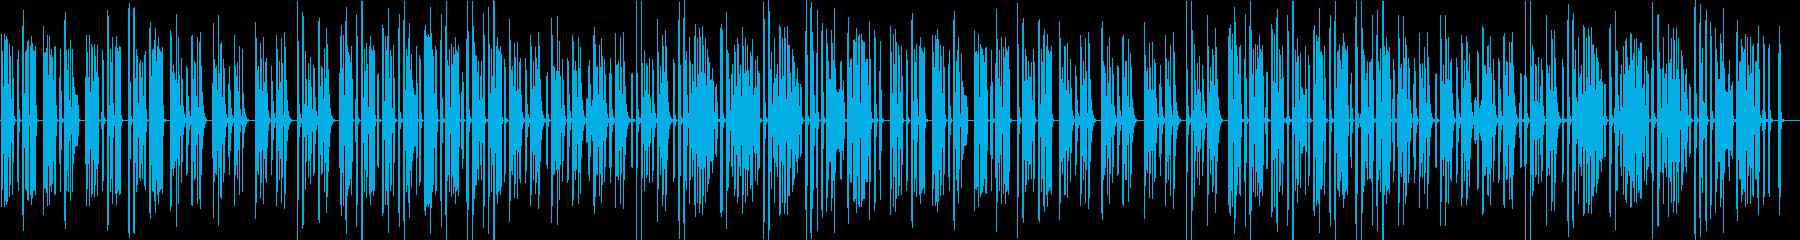 猫・ほのぼの・日常・リコーダー・マリンバの再生済みの波形